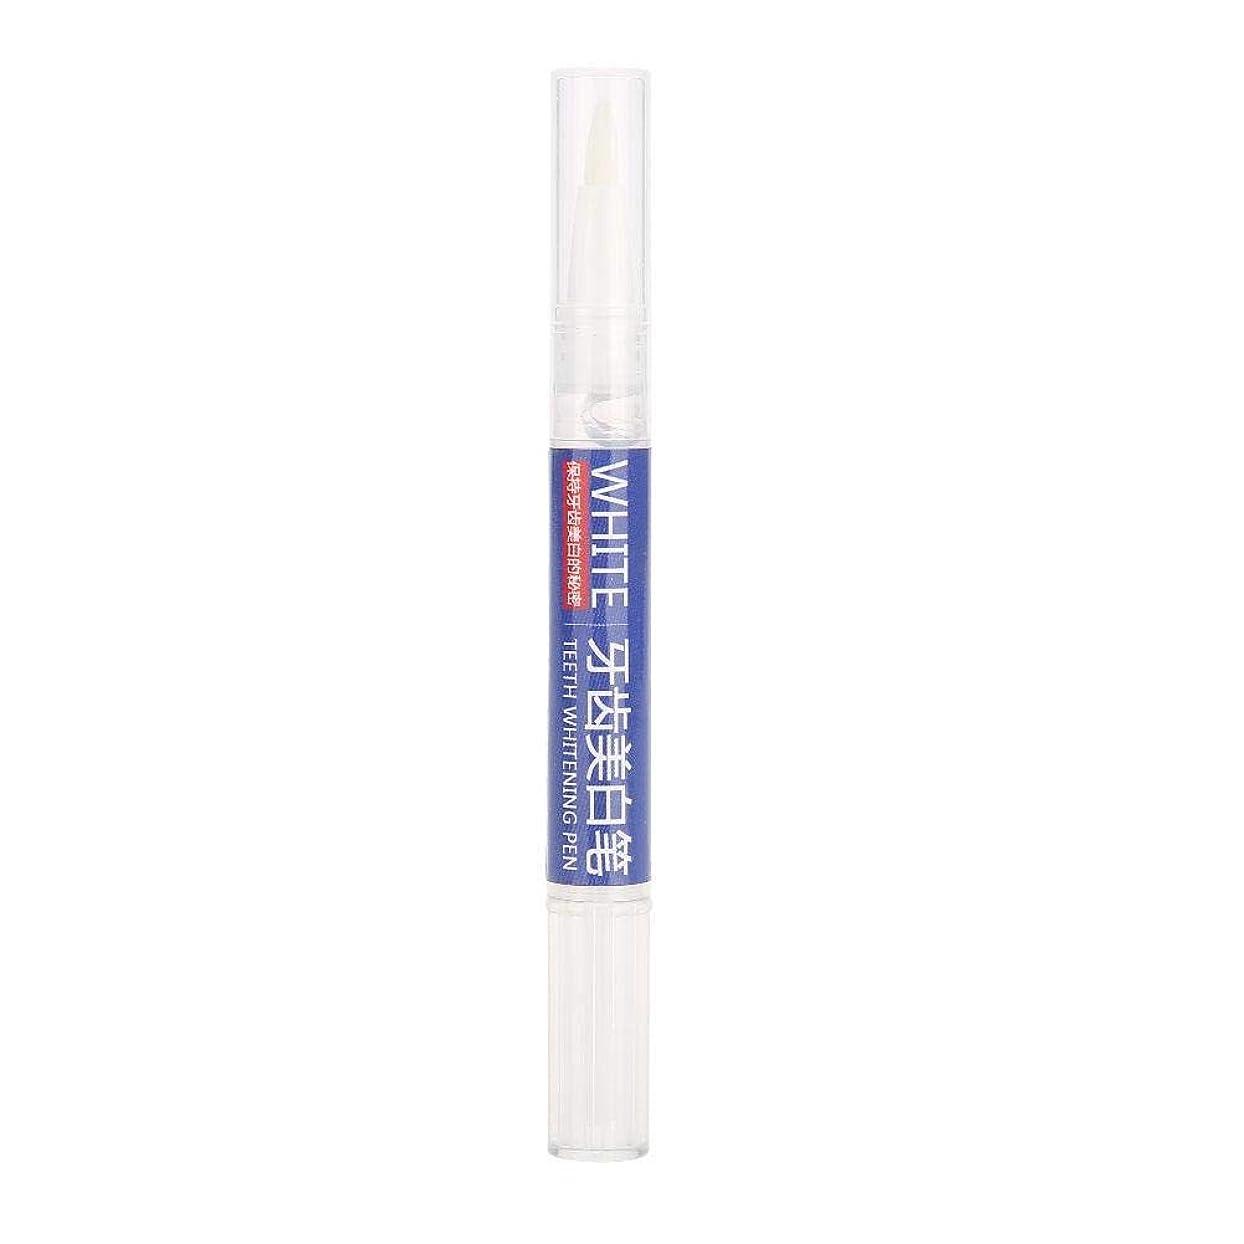 劇的豊かにする製造業ホワイトニングトゥースペン3mlイエロートゥースシガレット汚れ除去ホワイトニングホワイトニングトゥースジェルペン